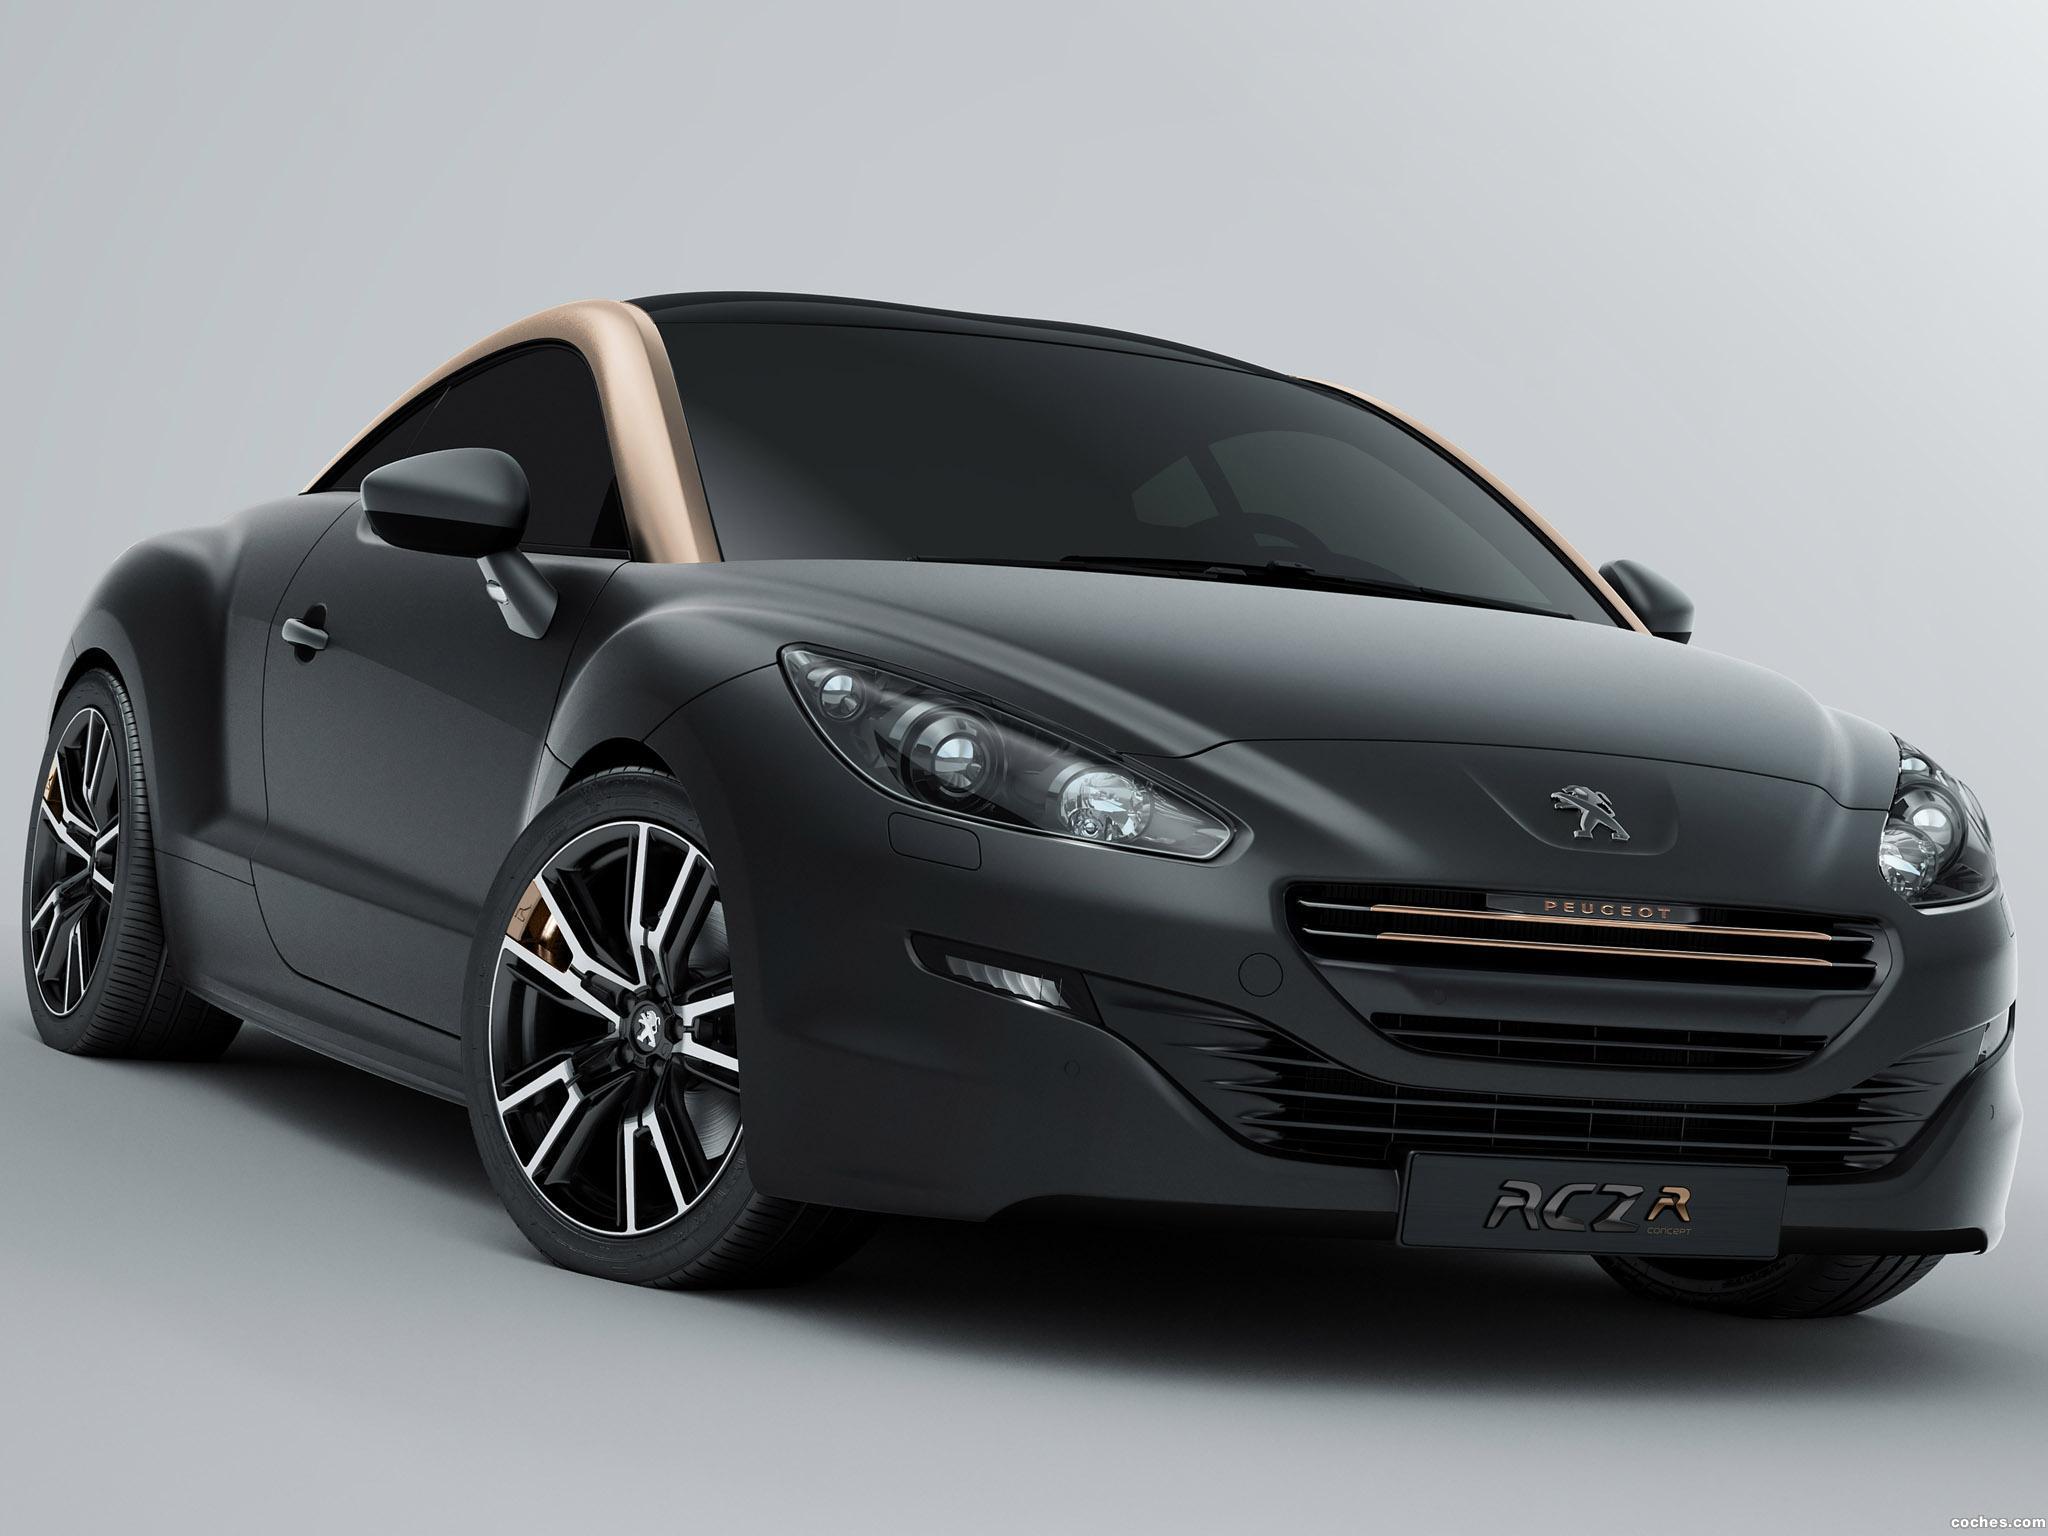 Foto 0 de Peugeot RCZ-R Concept 2012